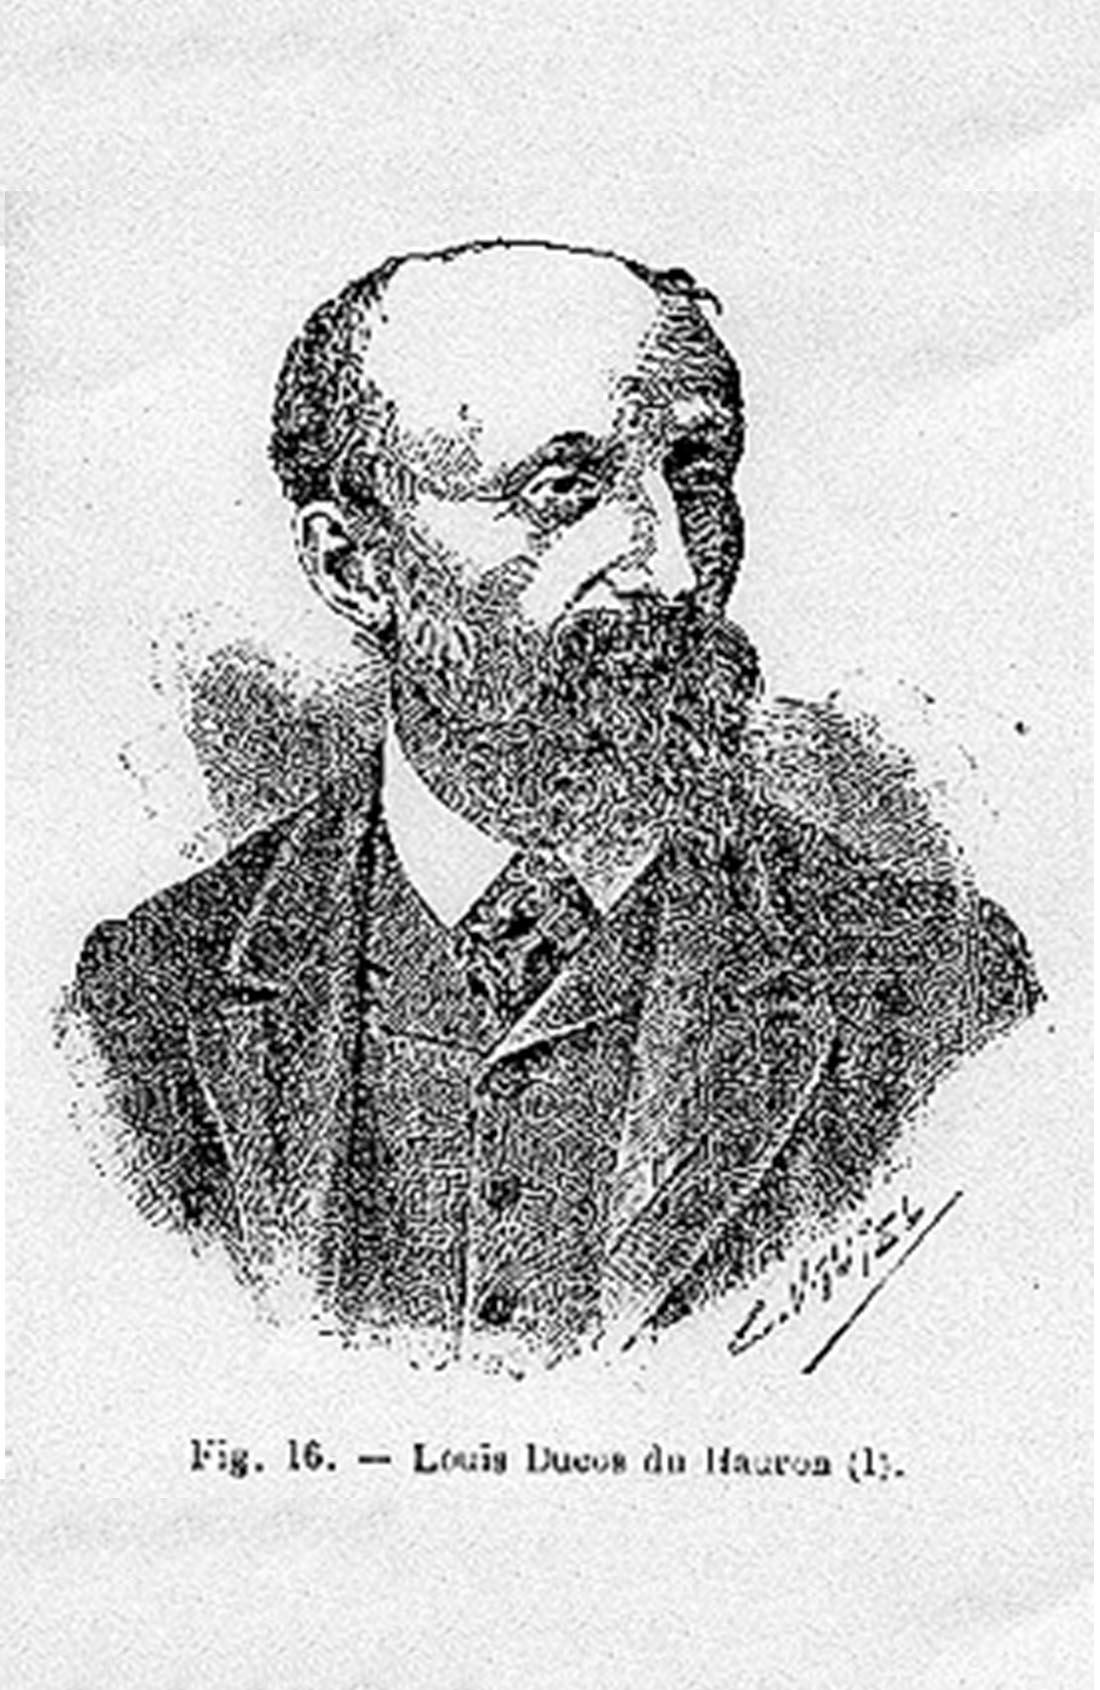 Louis Ducos du Hauron